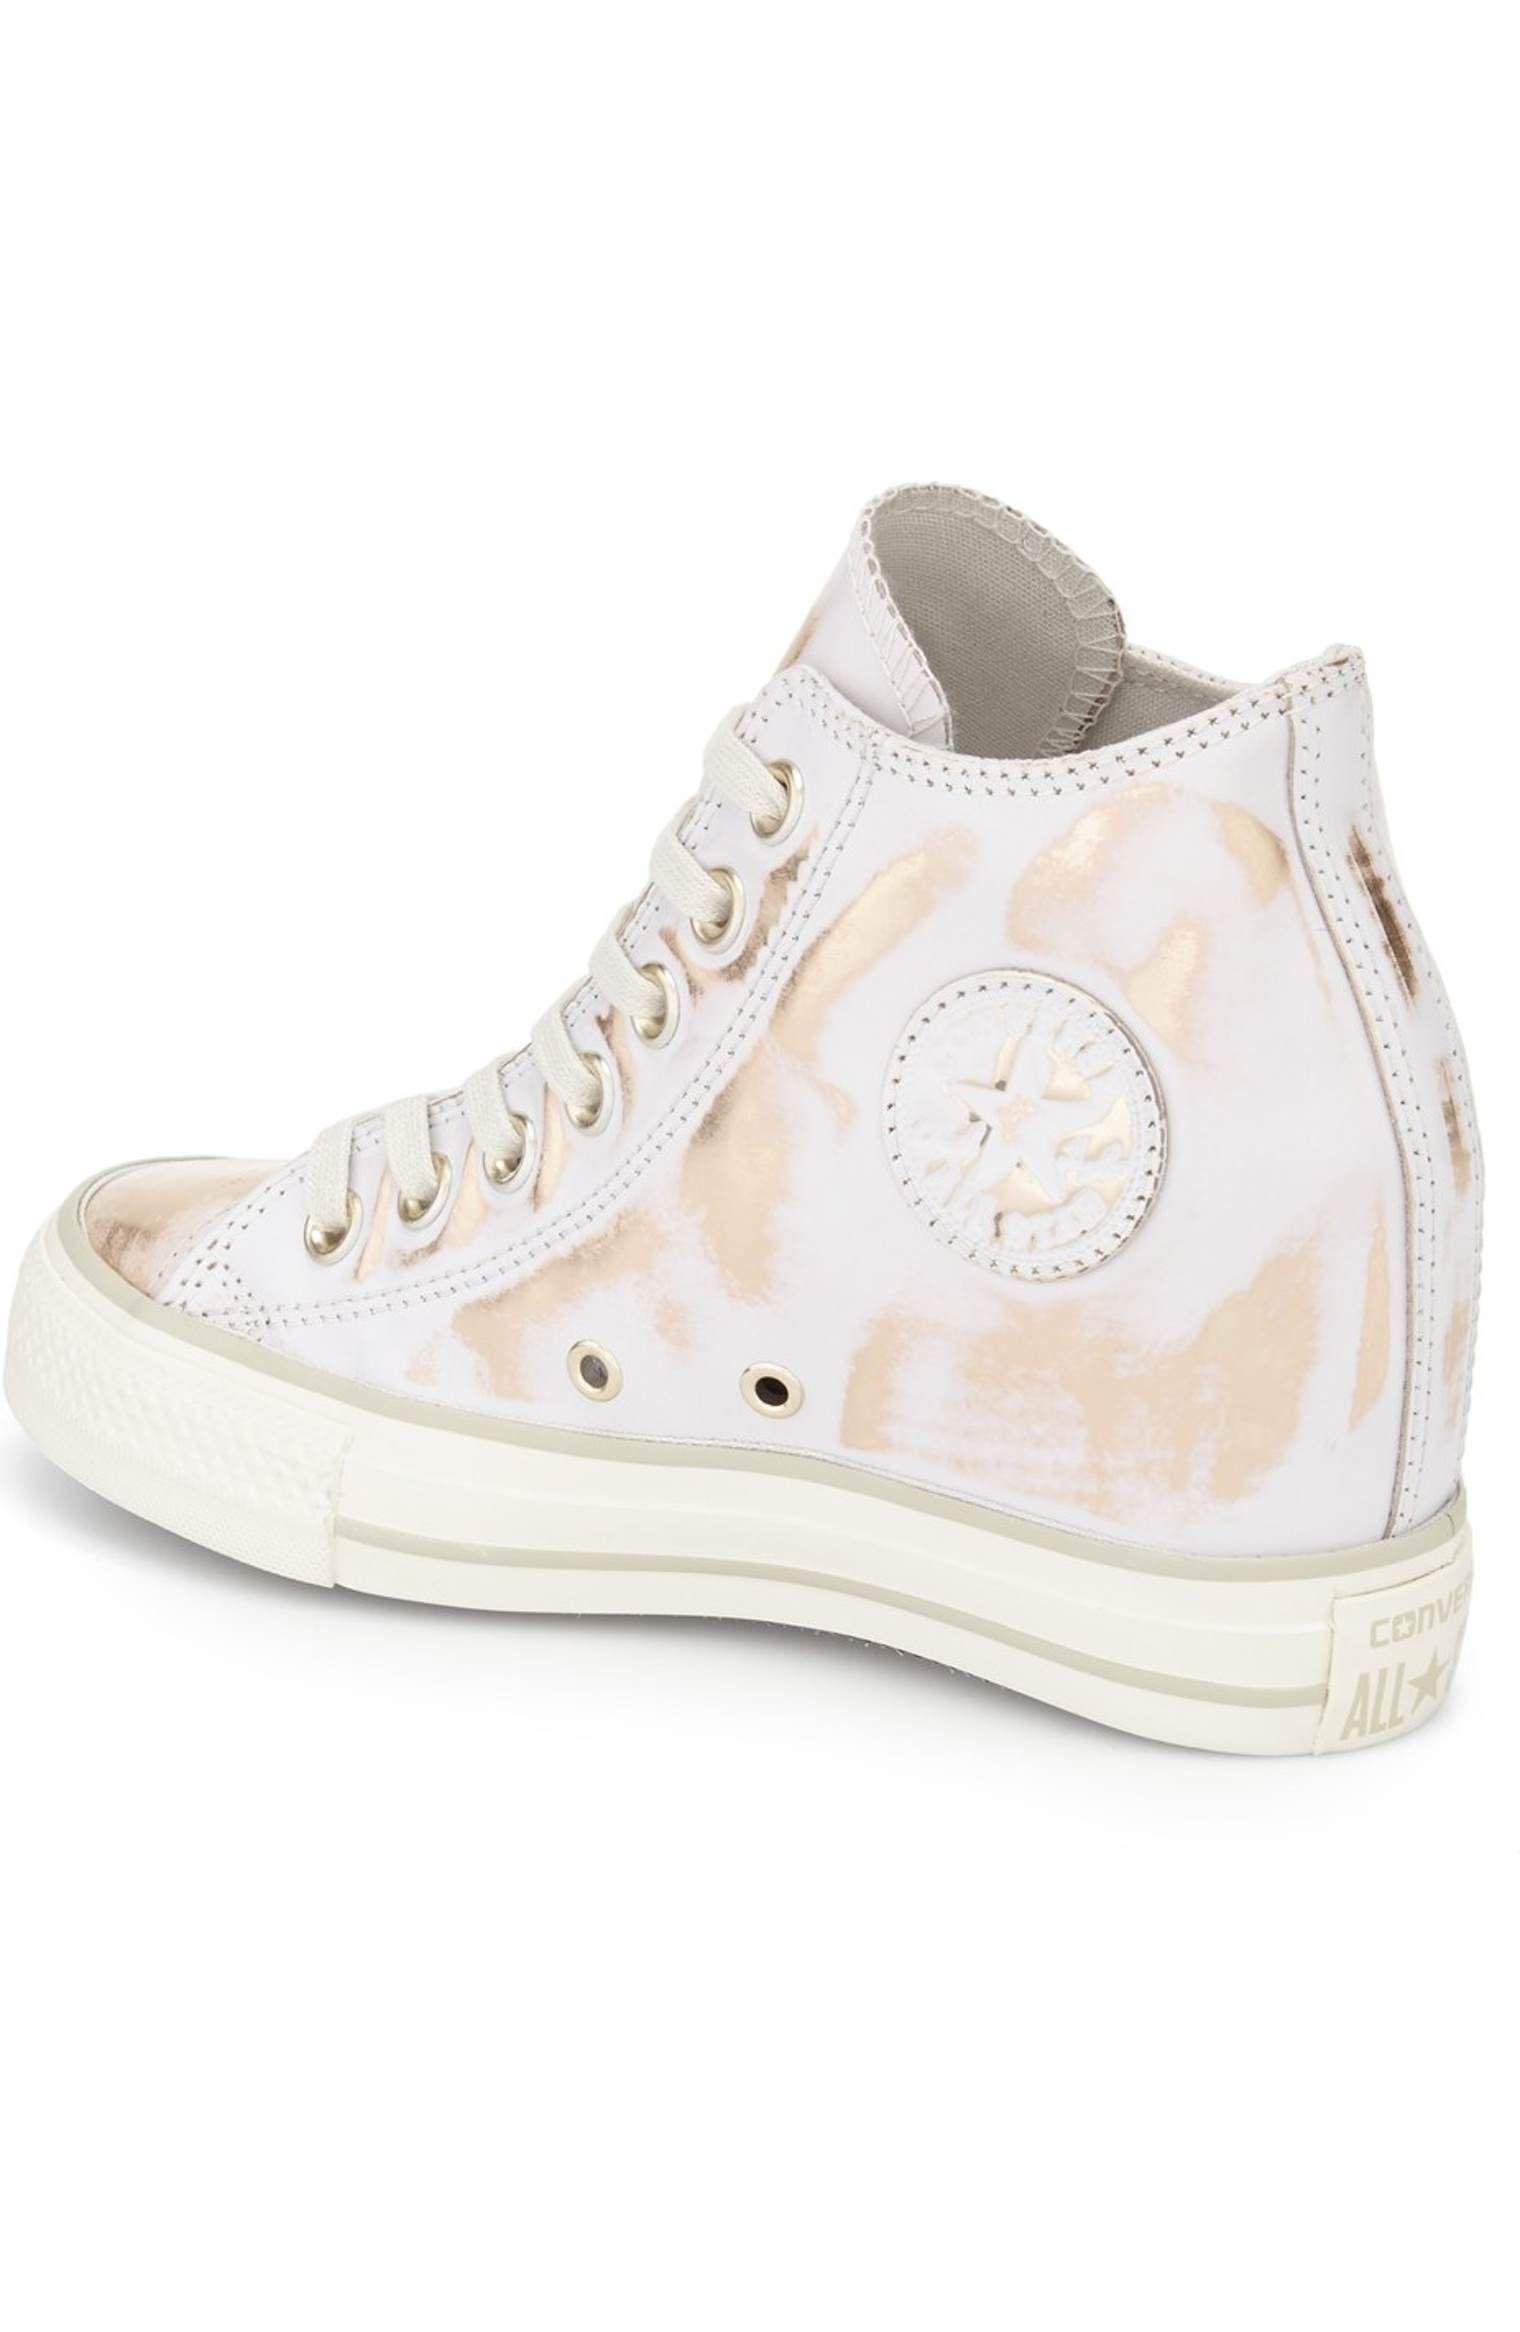 de44775603059e Main Image - Converse Chuck Taylor® All Star® Lux Brush Off Hidden Wedge  High Top Sneaker (Women)